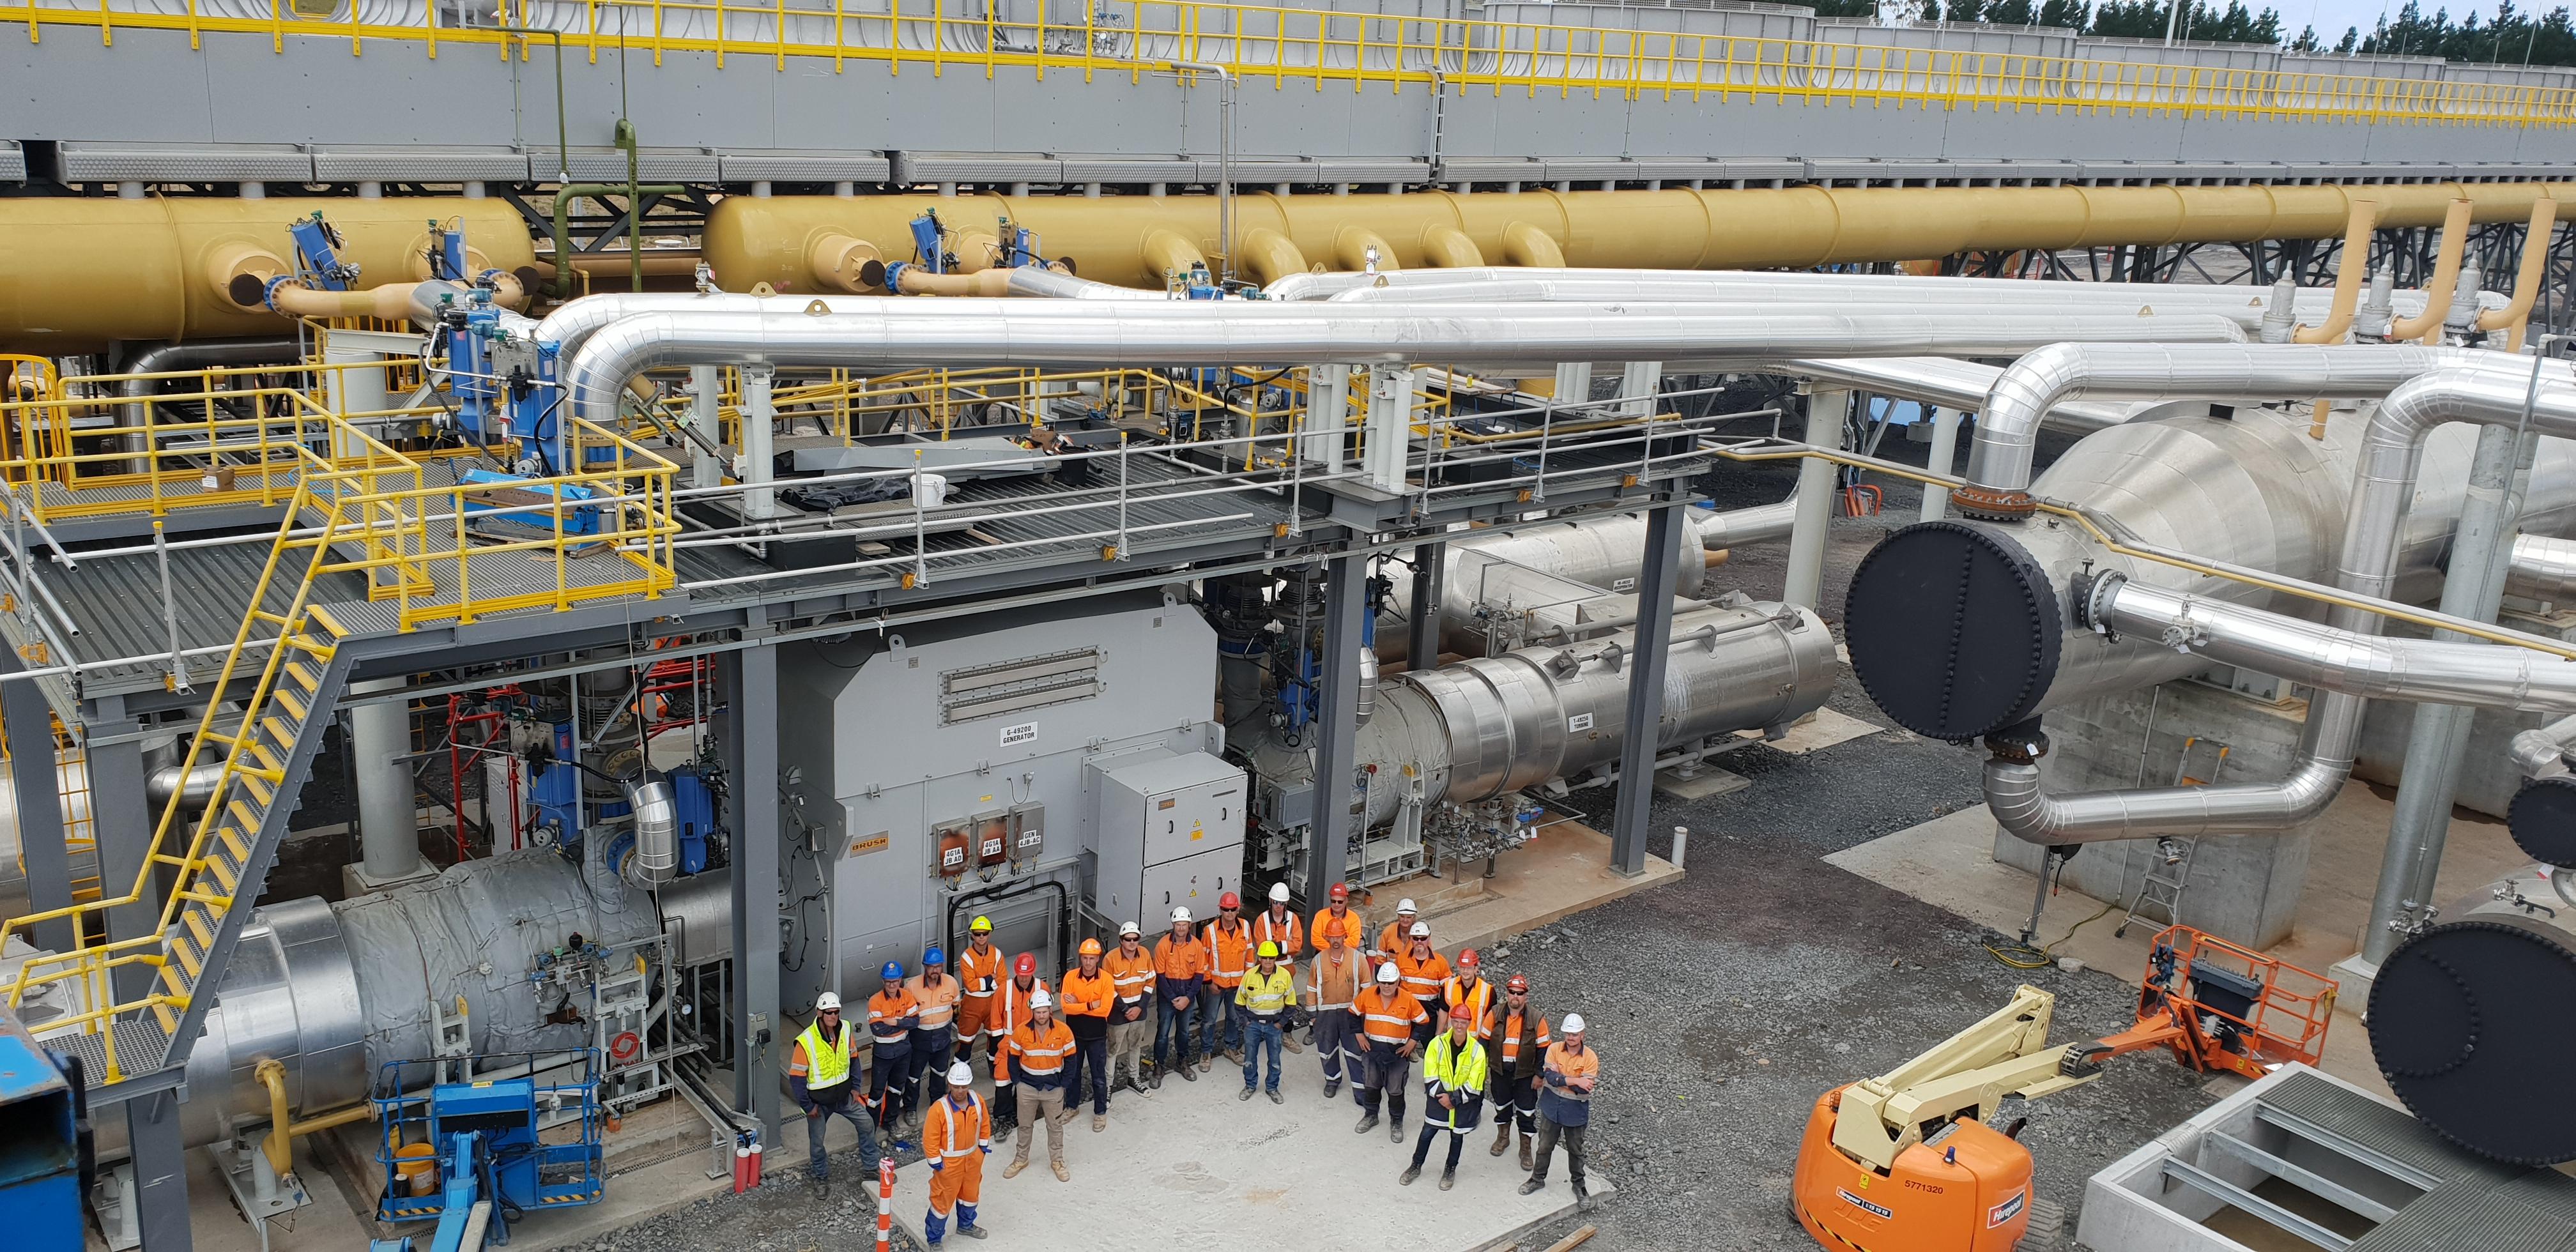 Ngawha OEC 4 Geothermal Project